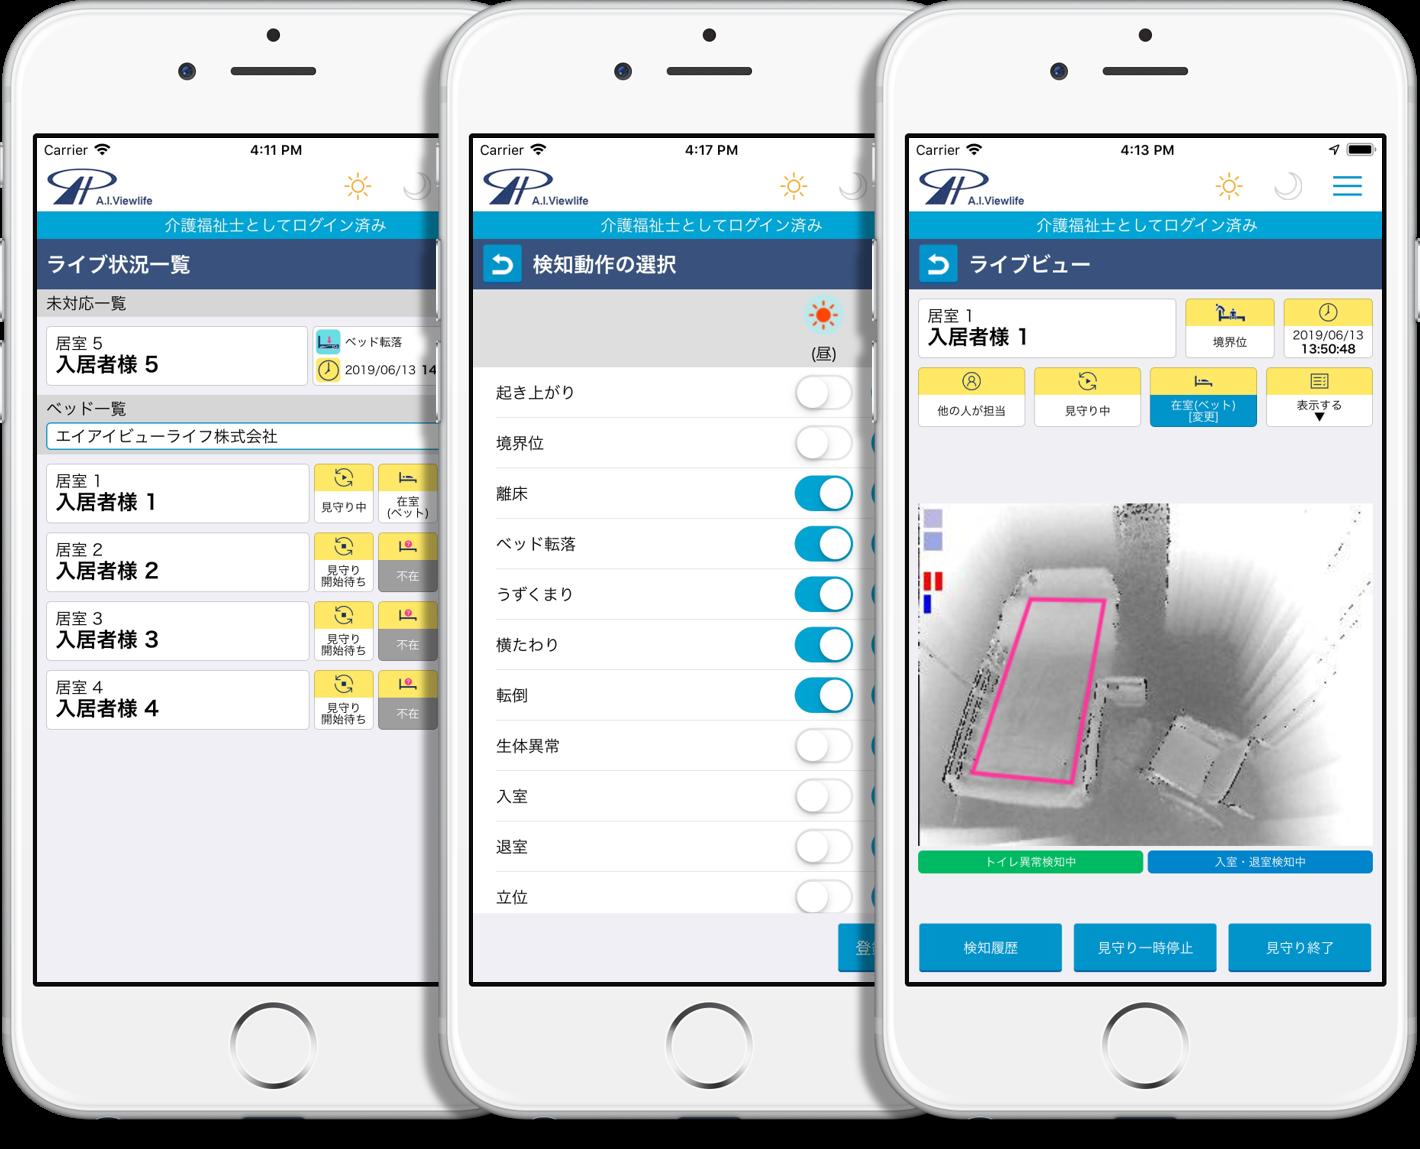 エーアイビューライフのiOSデバイス向けモバイル端末アプリケーション画面